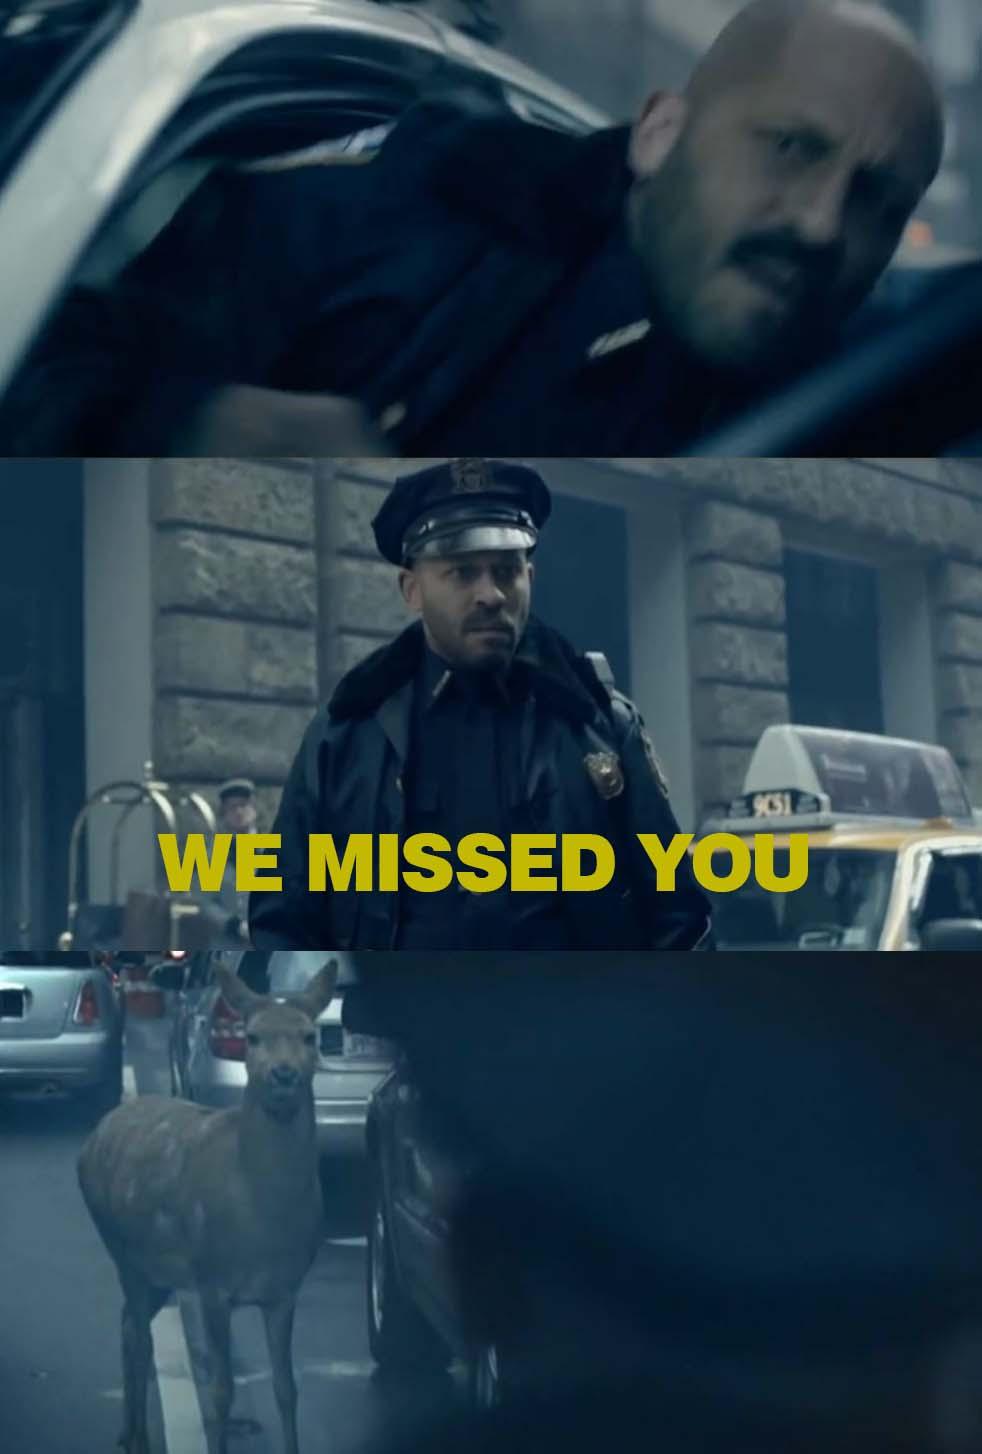 WE MIISS YOU!